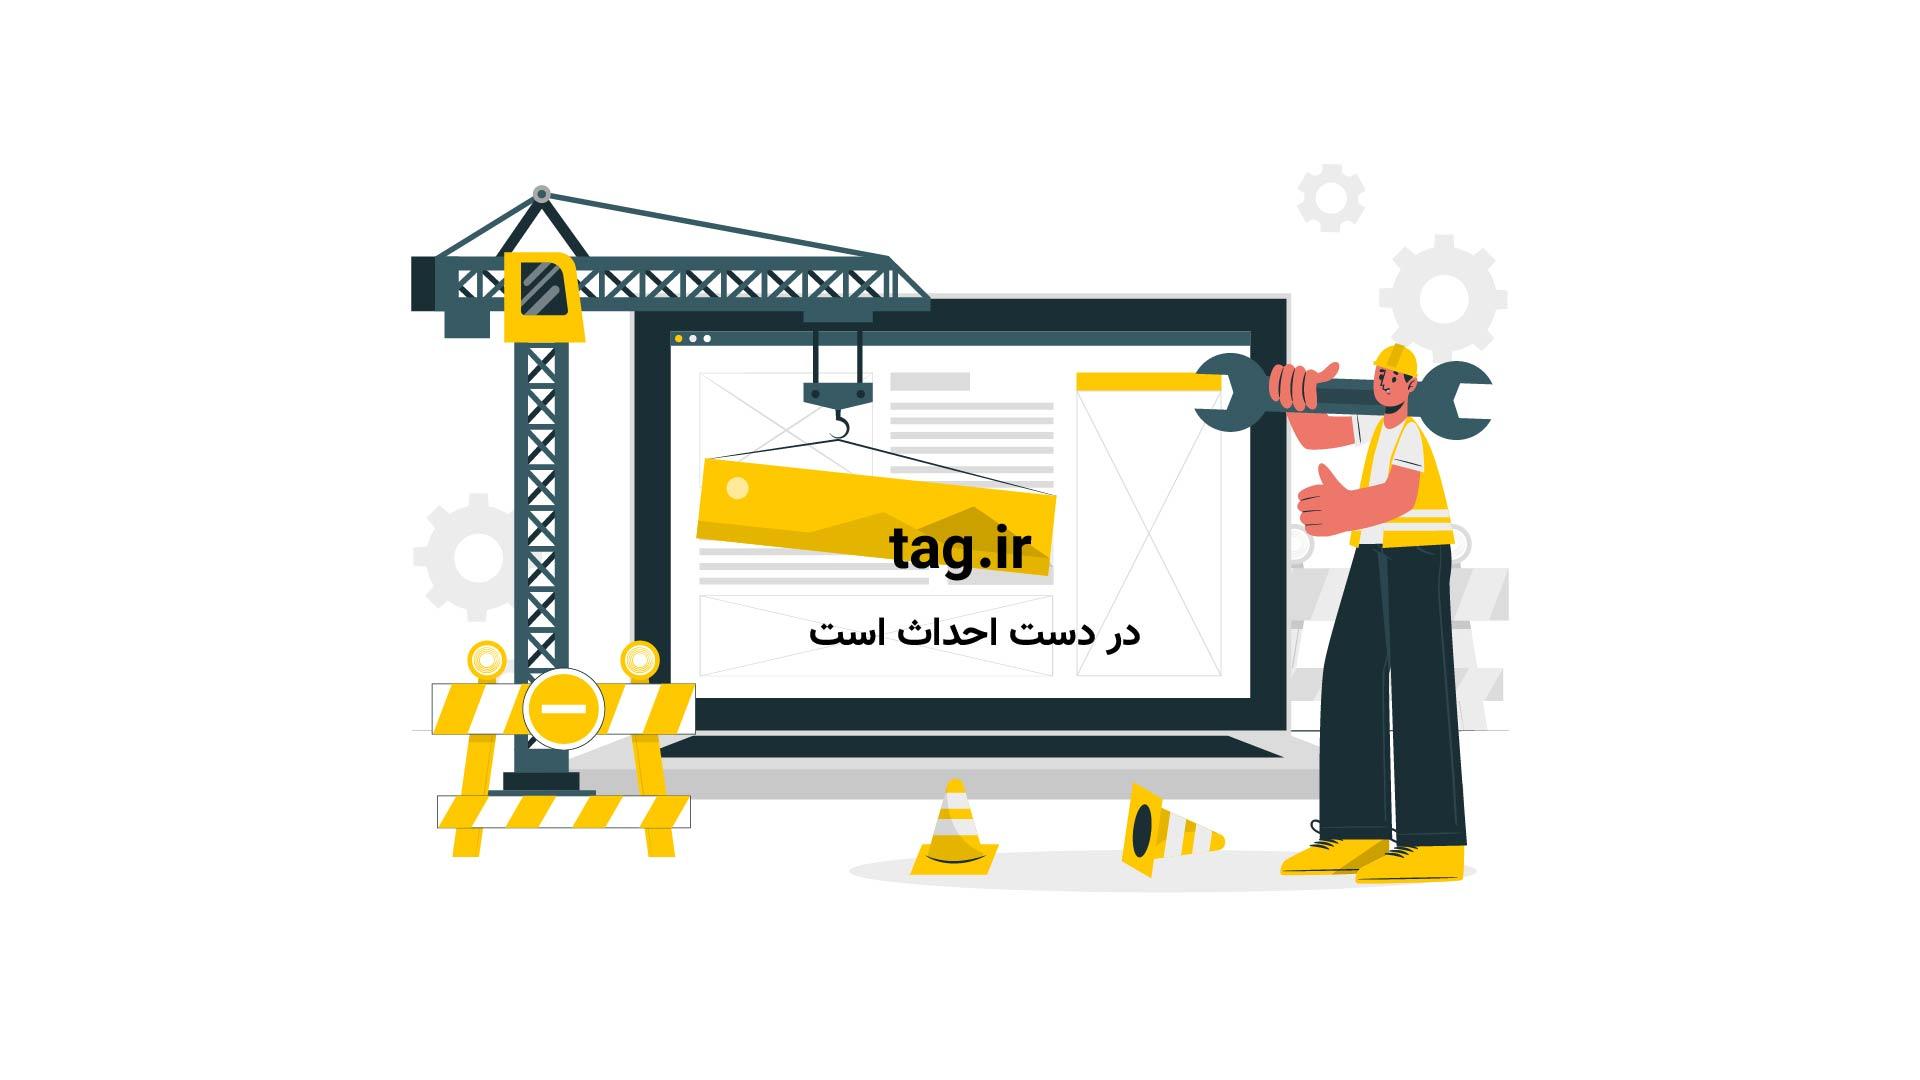 دورترین خاطره المیرا شریفی مقدم و داوود عابدی از زبان خودشان در برنامه خندوانه | فیلم